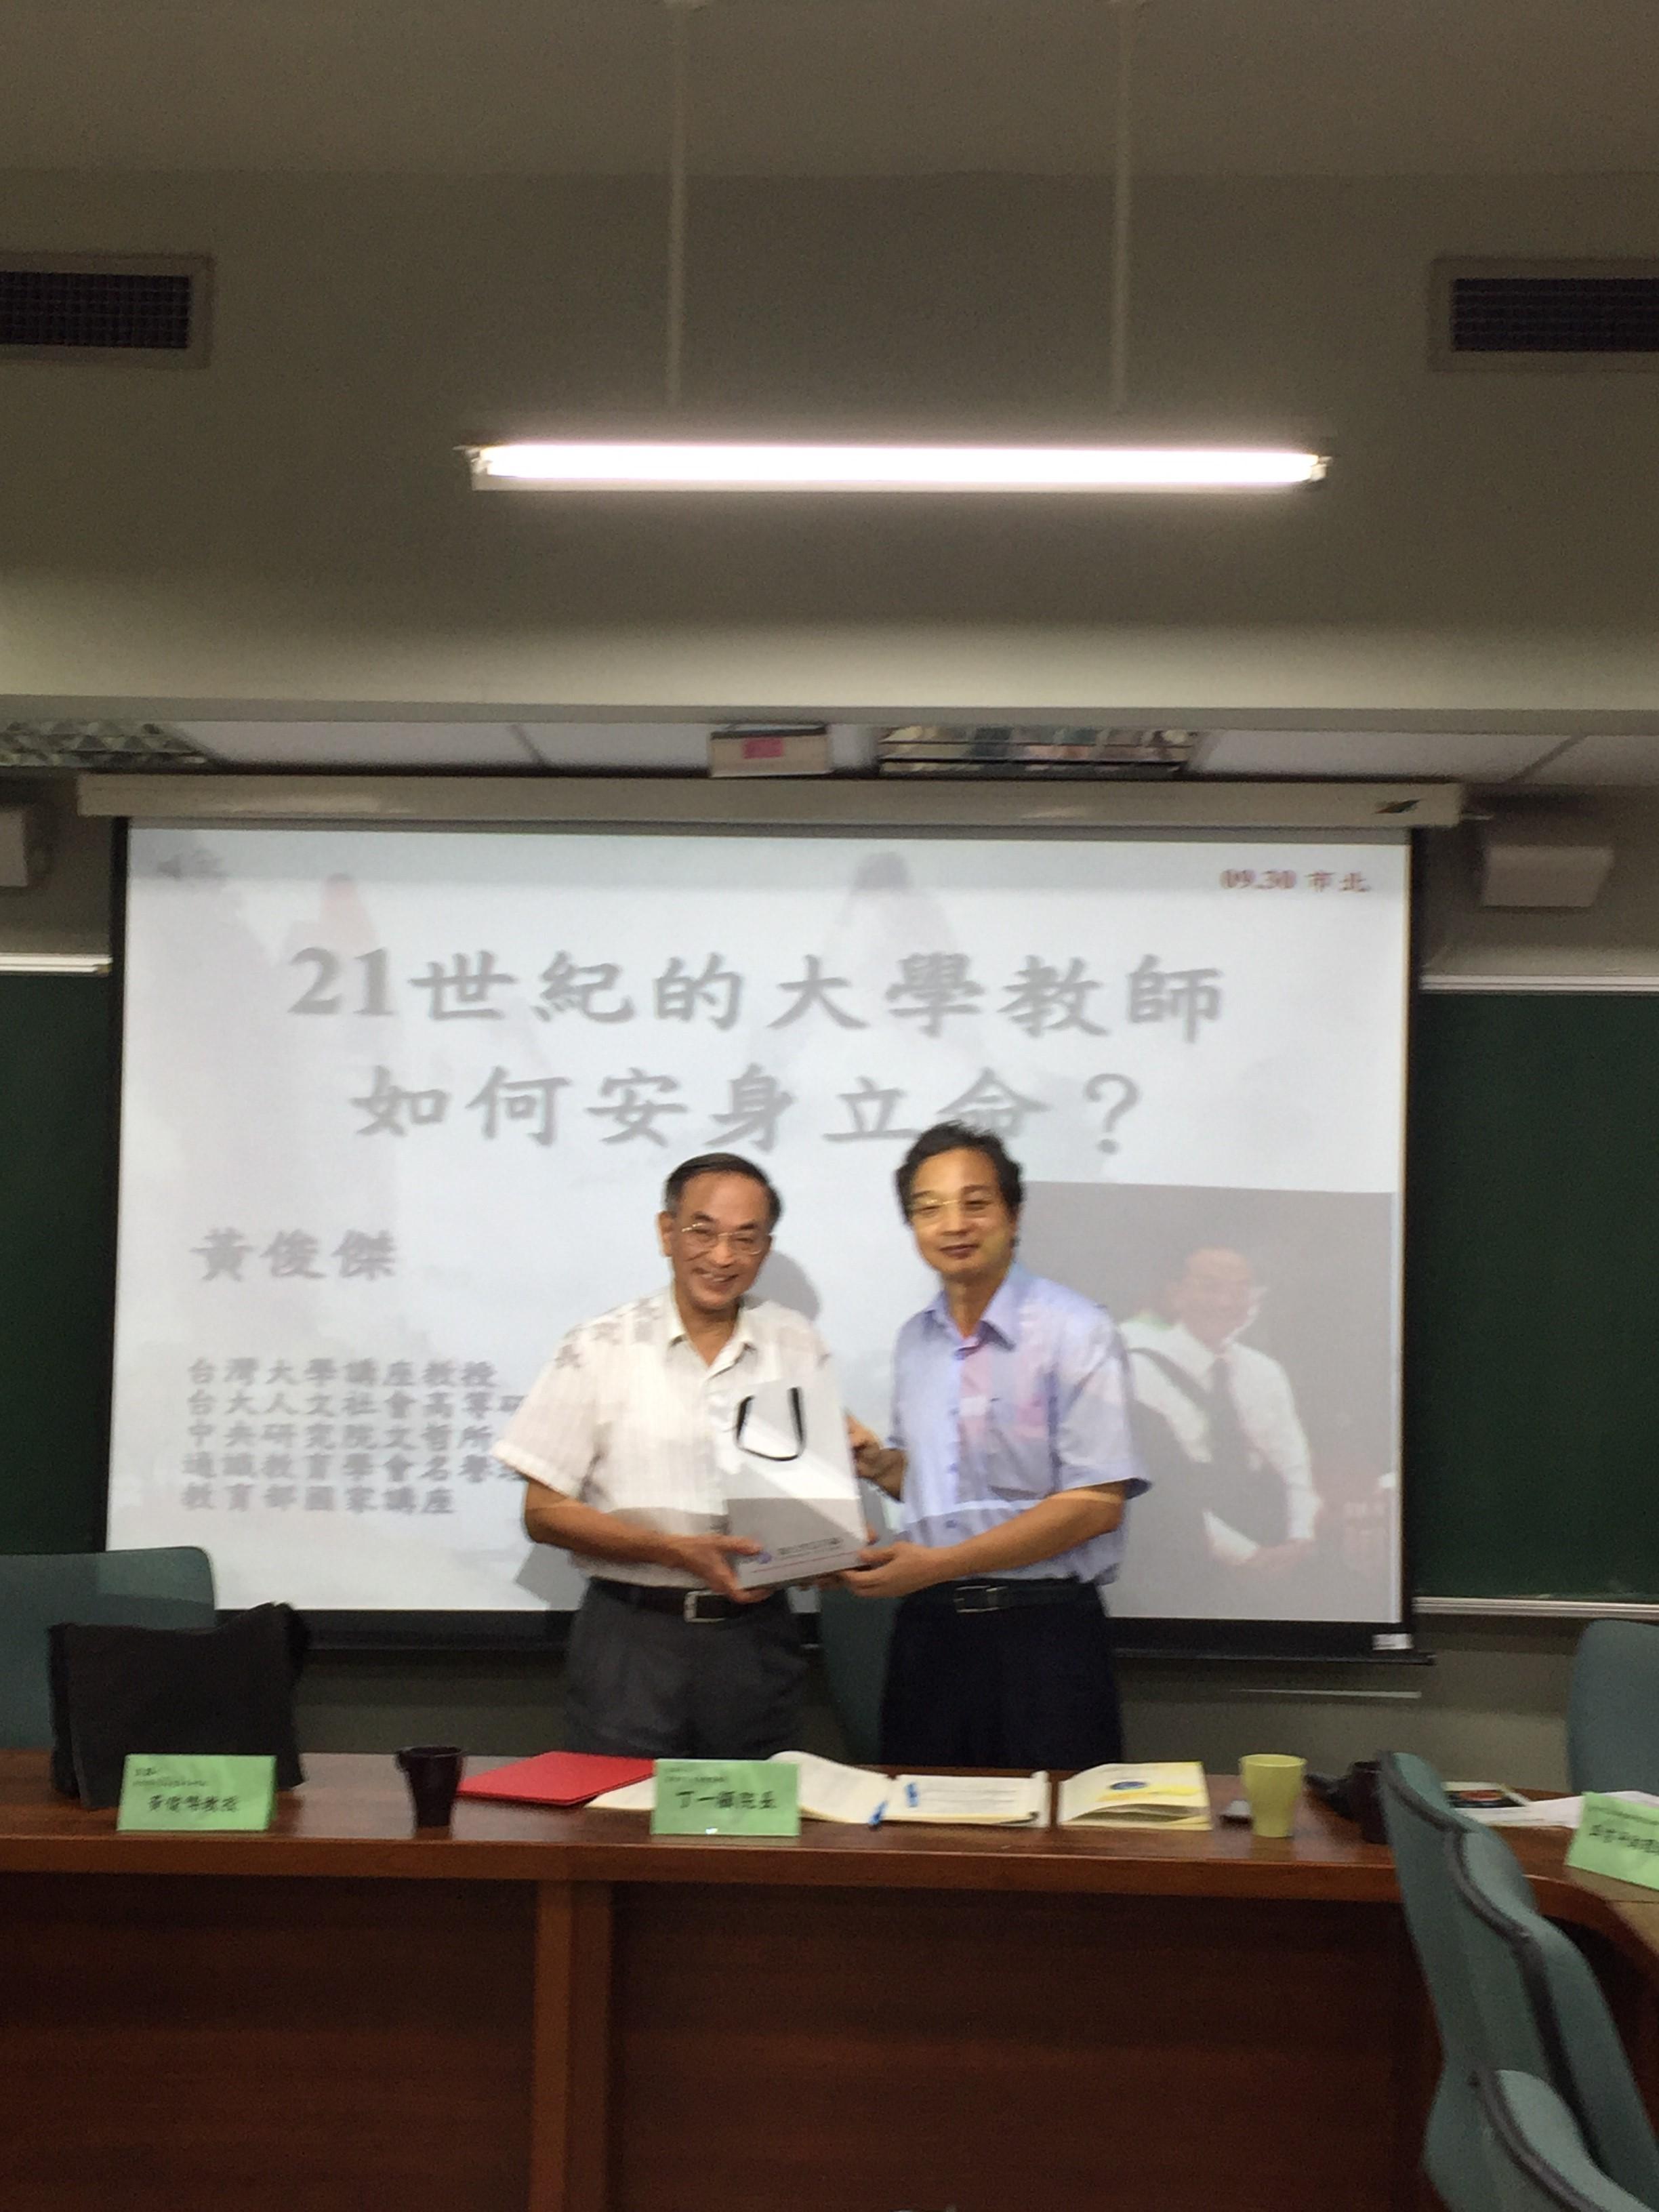 宗瑞小�_5)105年6月3日由国立清华大学沈宗瑞特聘教授演讲「跨领域理念与